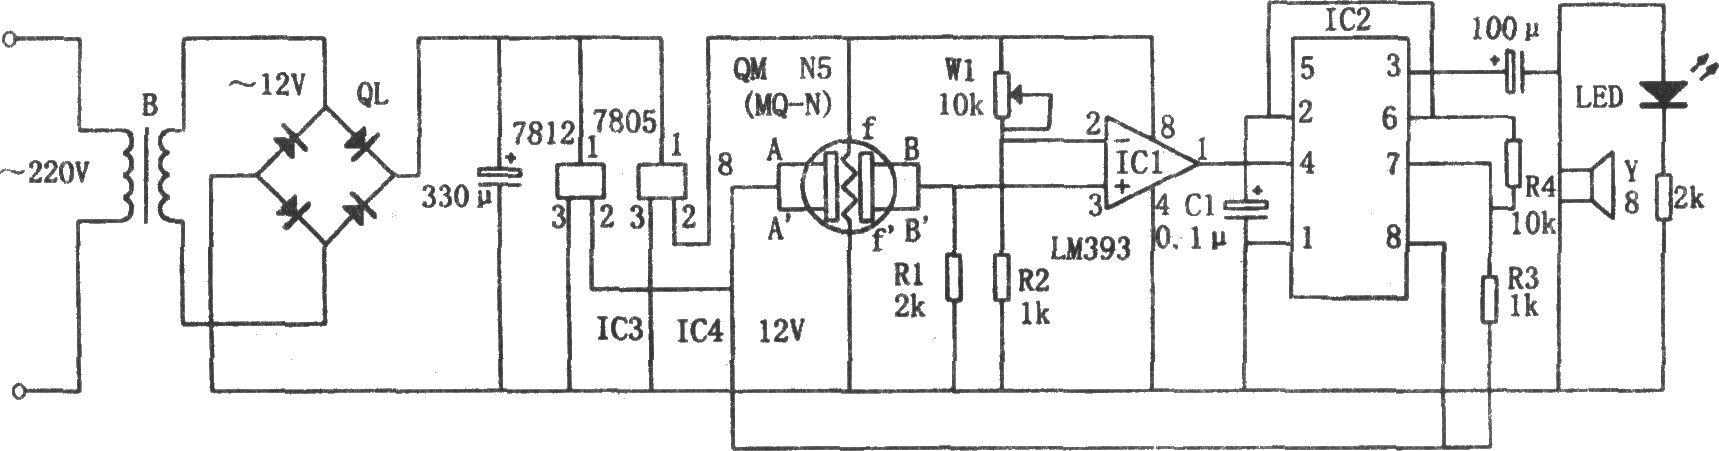 比较器ic1采用双电压比较器lm393